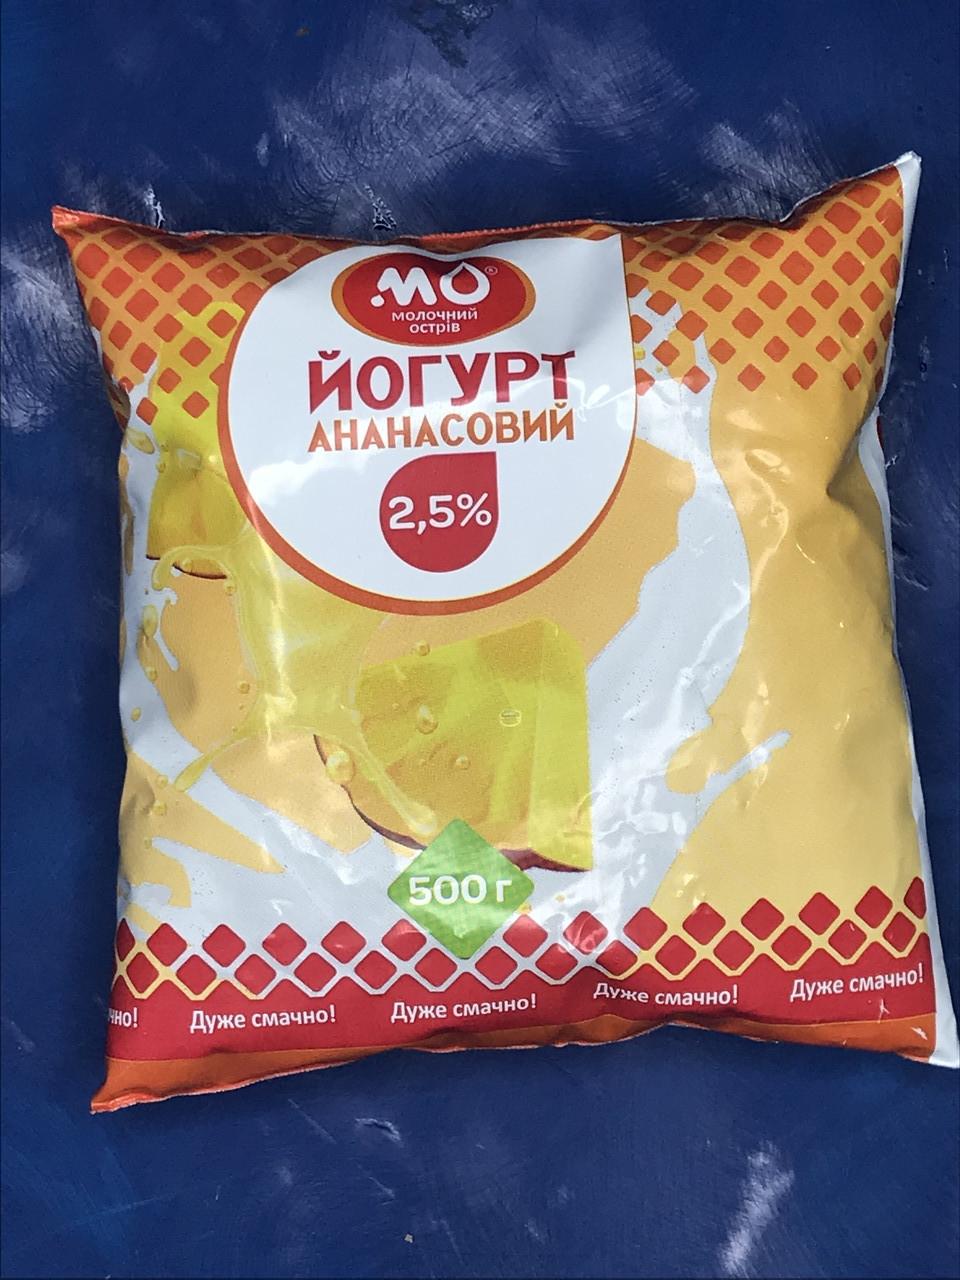 Йогурт ананасовый от Малороганский молочный завод, фото 1